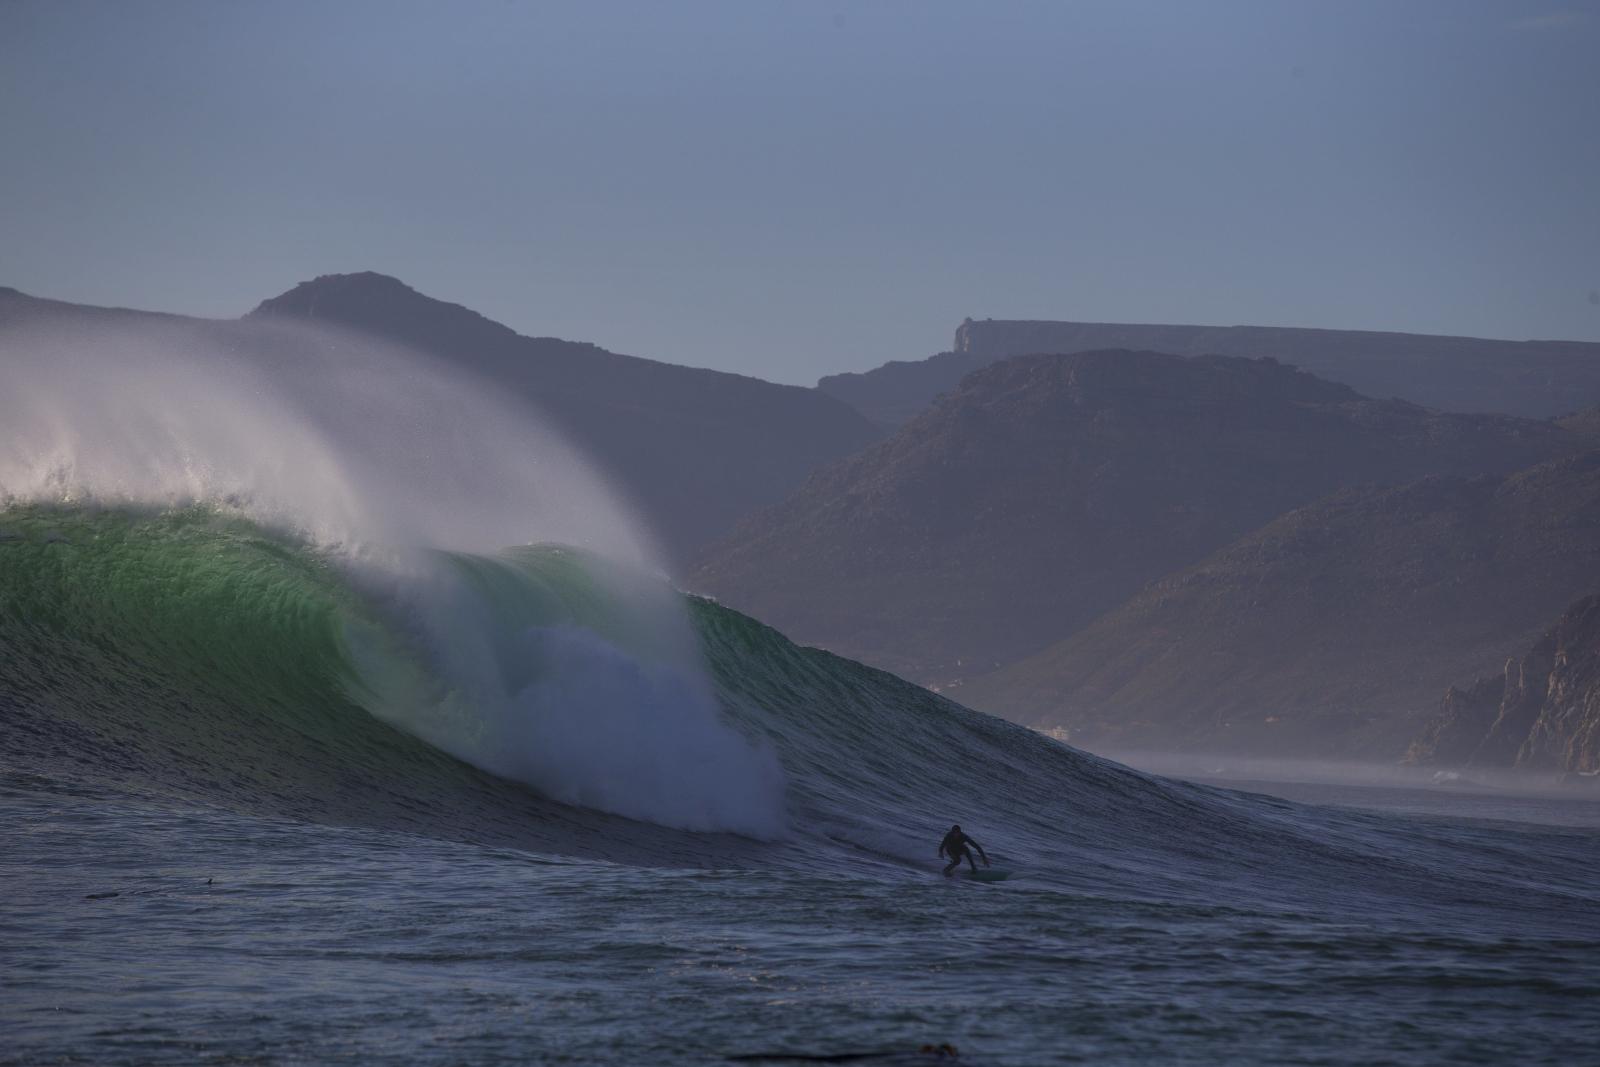 Surfowanie na wielkich falach, Kapsztad, Republika Południowej Afryki.